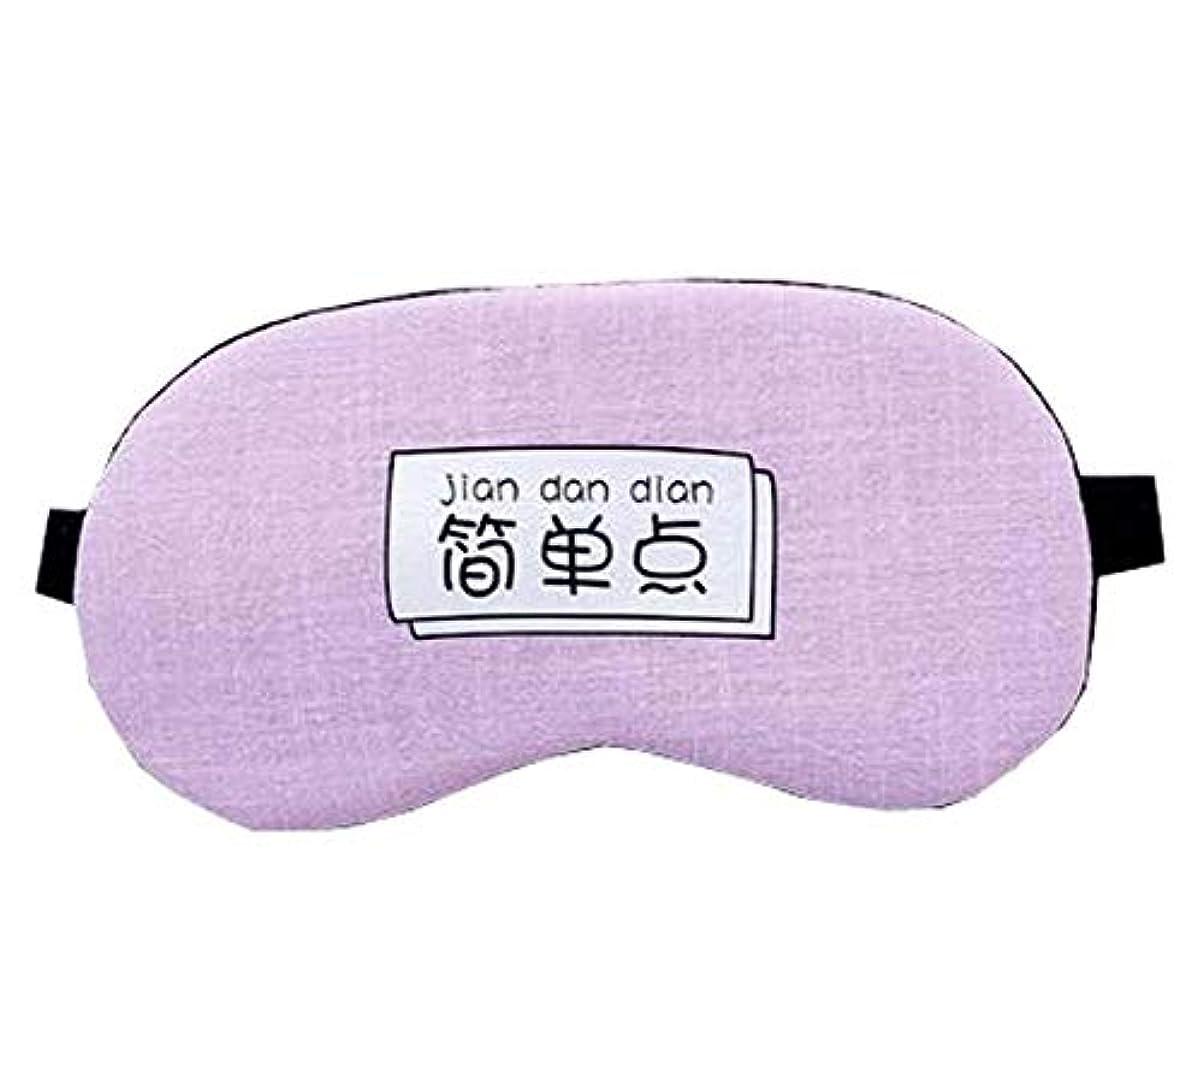 心のこもった石膏盗難快適なかわいい目のマスクは、スリーピングワーキングのための不眠症とストレスを軽減し、B